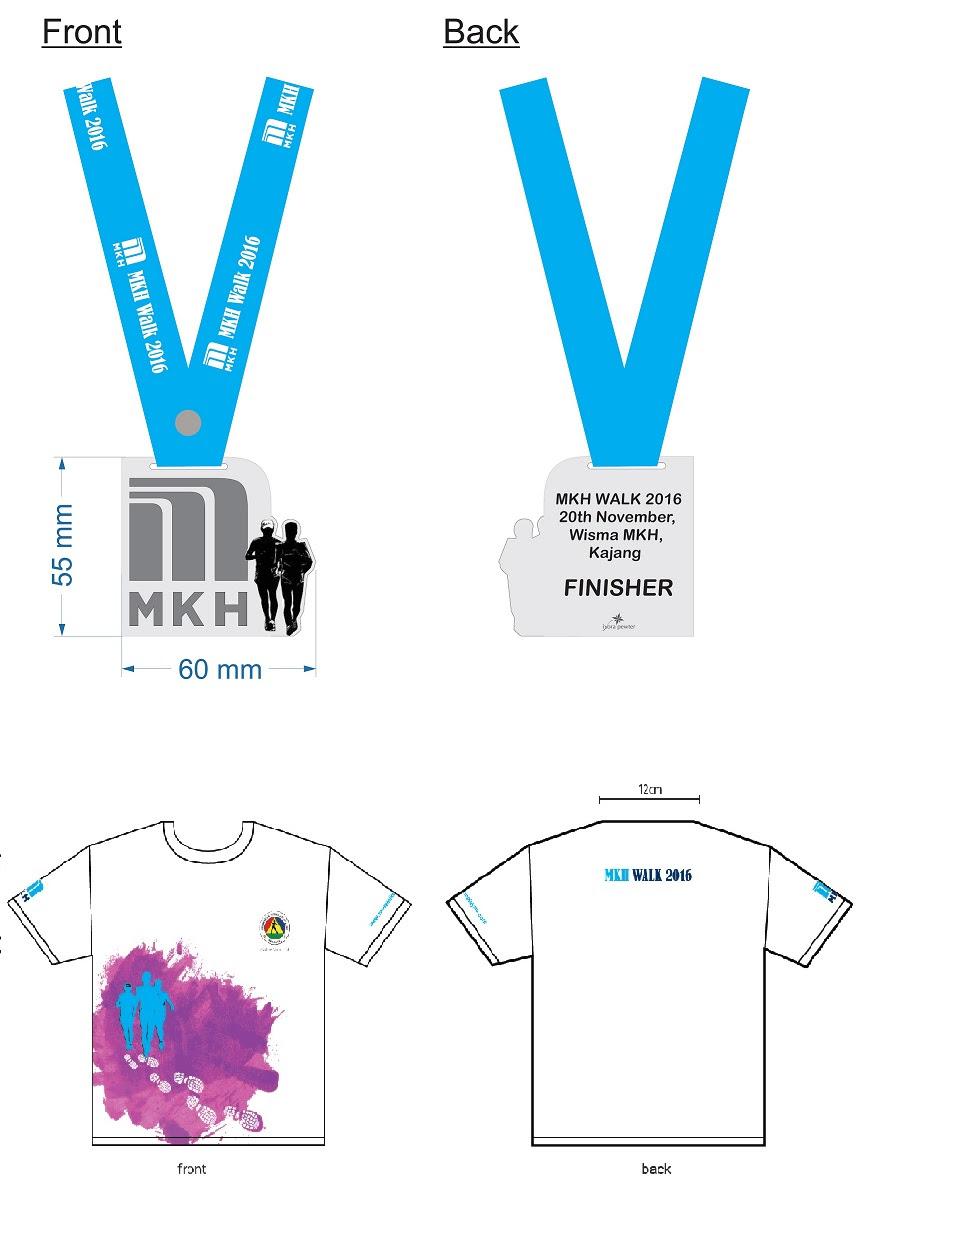 http://www.racewalkermalaysia.com/resources/Medal%20&%20T-shirt%202016%20(Webl).jpg?timestamp=1471402058926